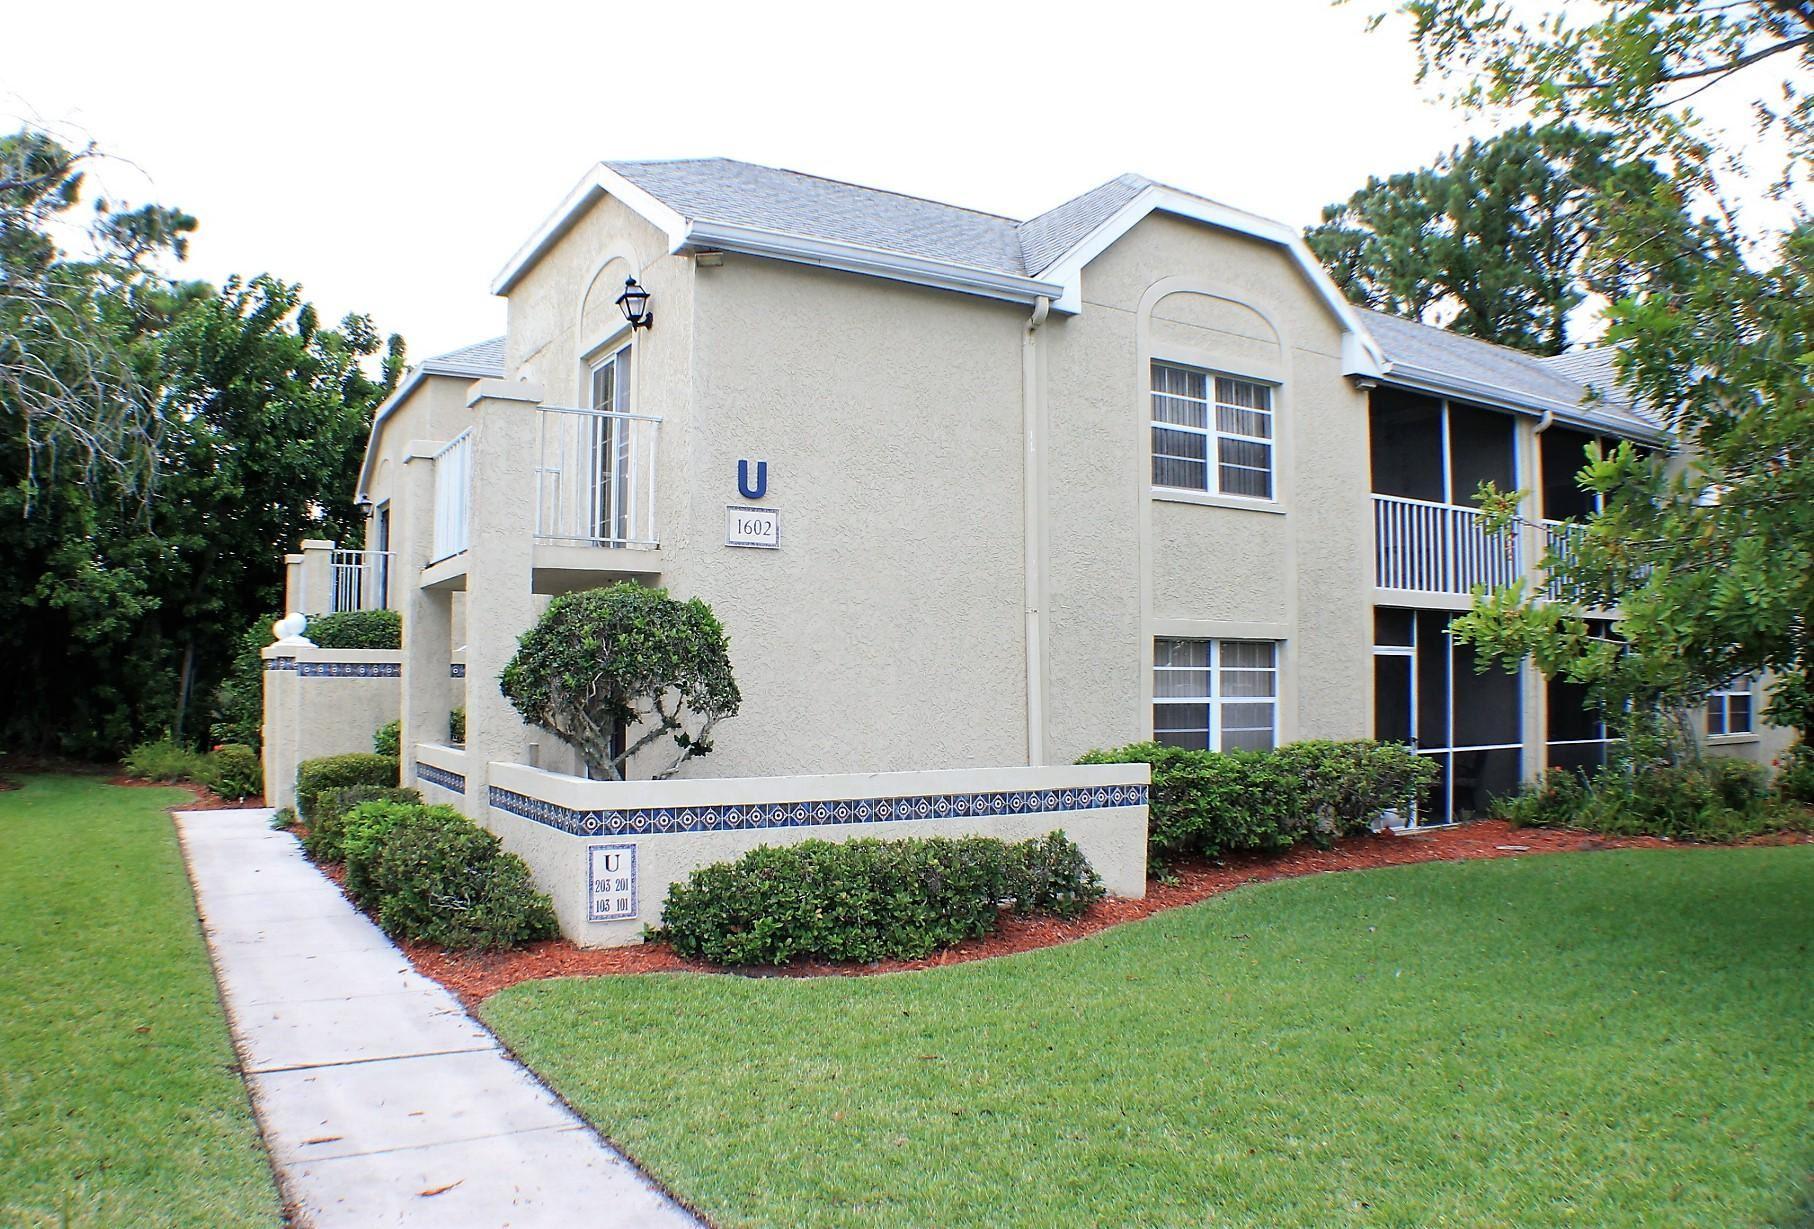 1602 SE Green Acres Circle #U201, Port Saint Lucie, FL 34952 - #: RX-10625528